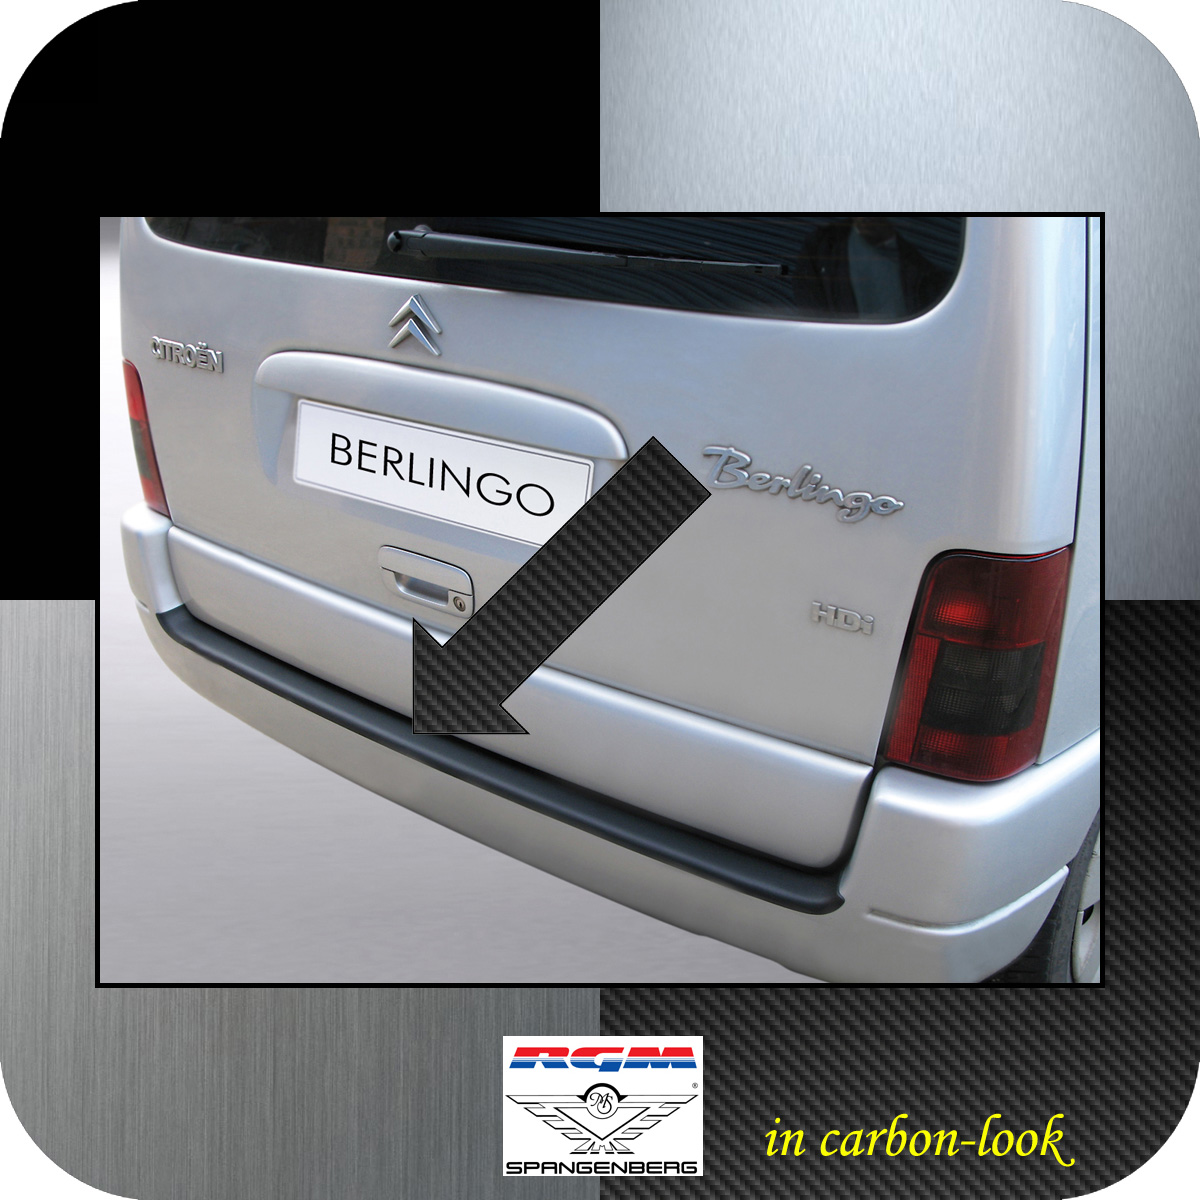 Ladekantenschutz Carbon-Look Citroen Berlingo I bis Baujahr 2008 3509258